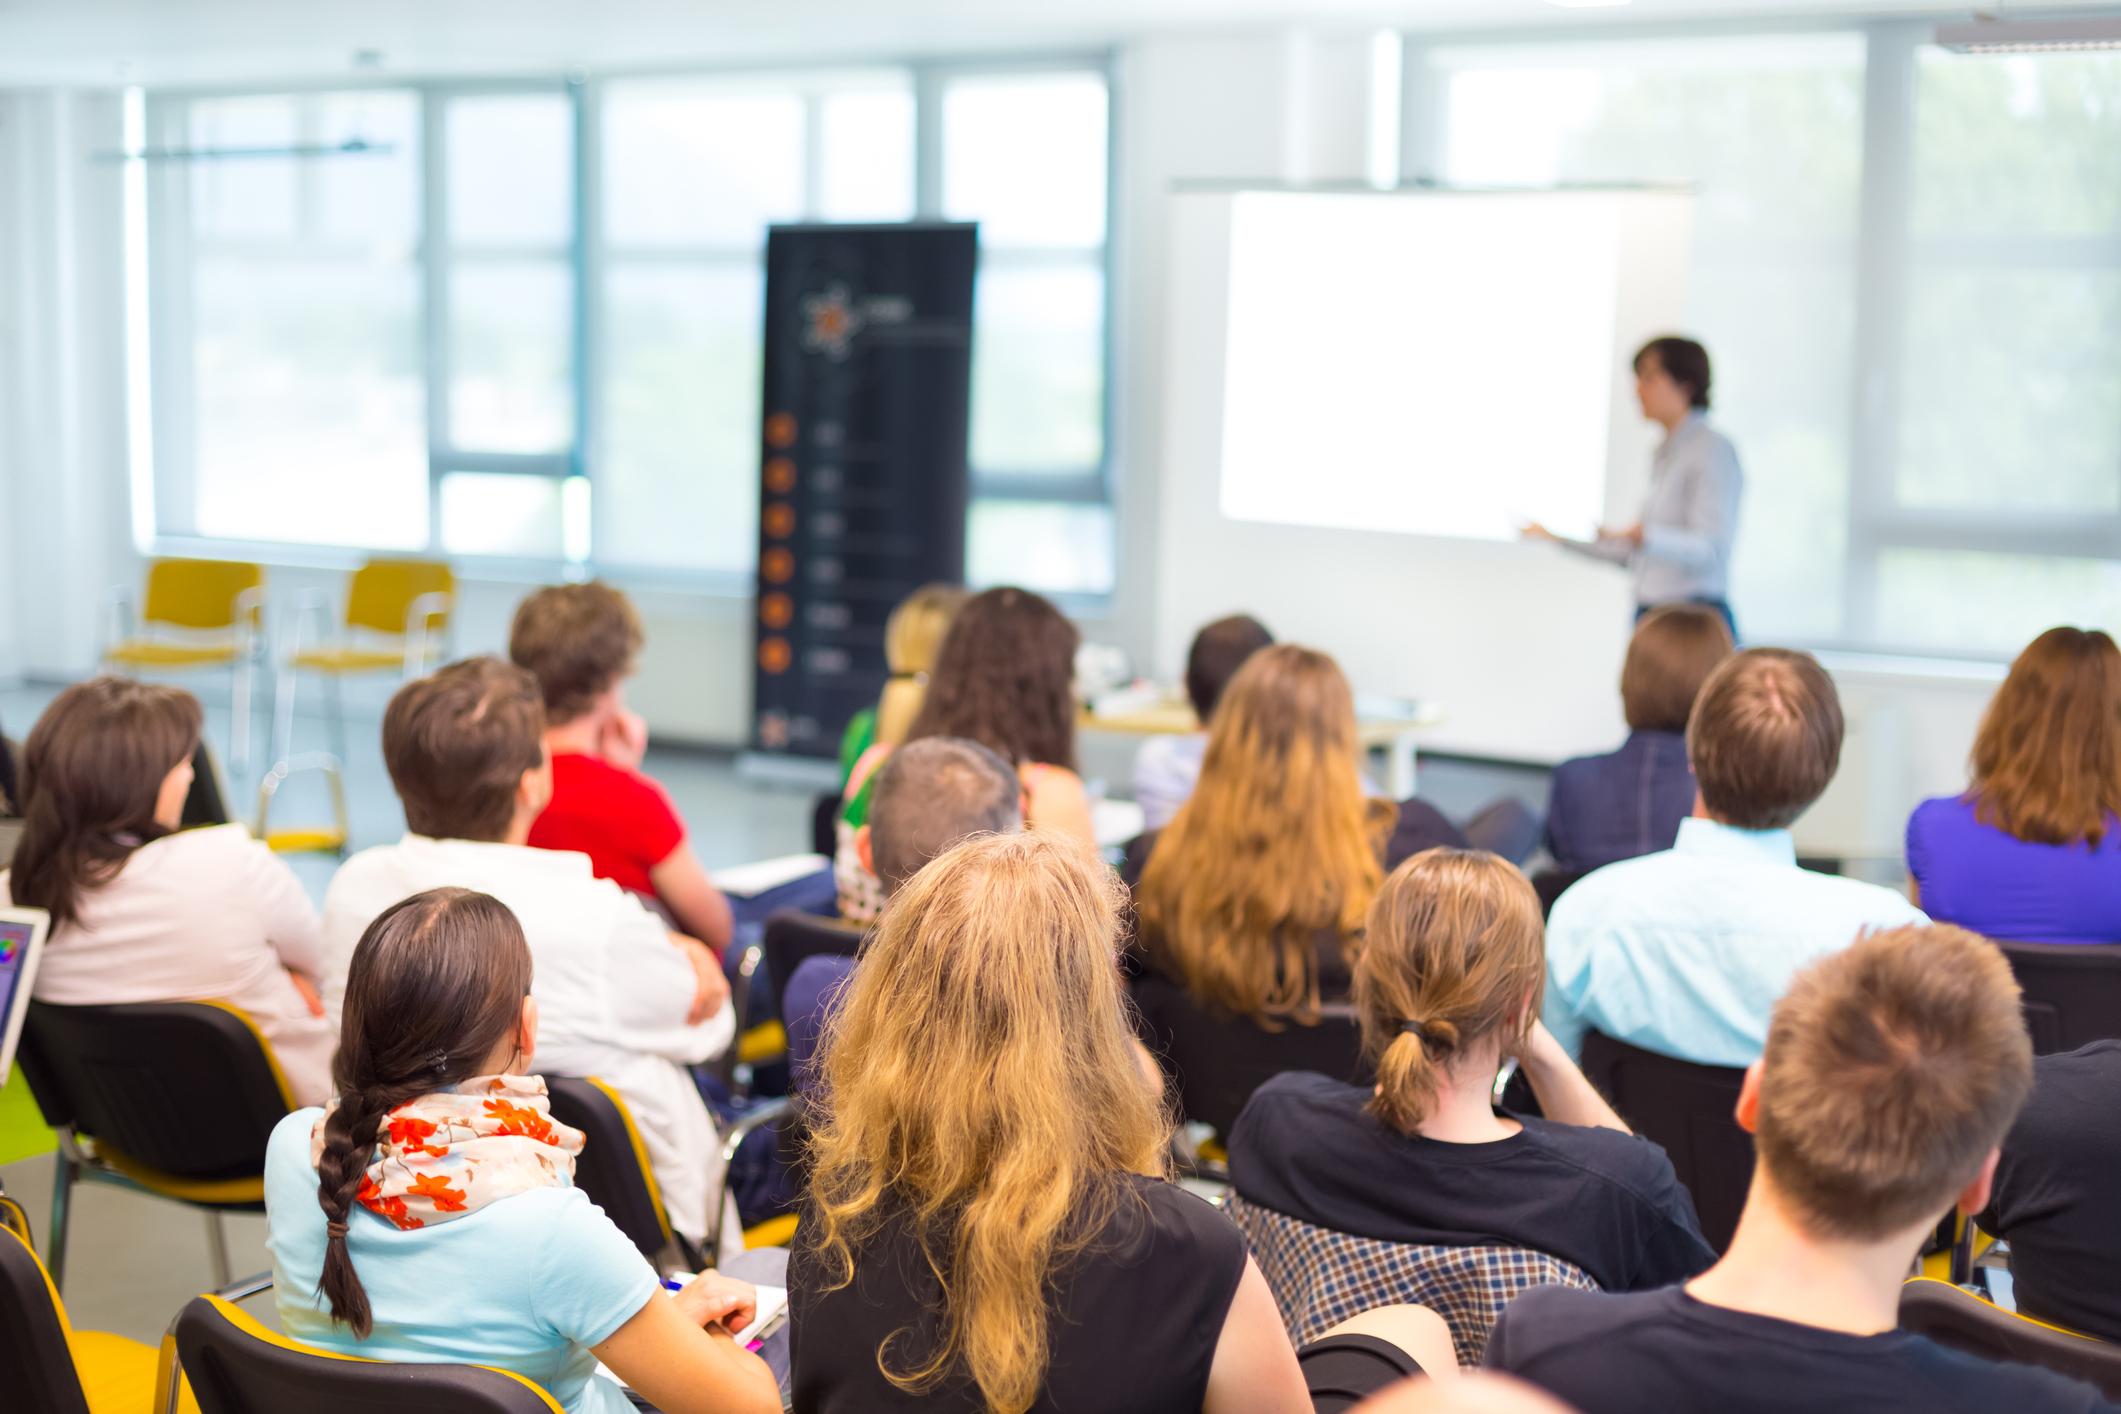 Fortbildung, Weiterbildung, Studium - Ist Ihre Rückzahlungsvereinbarung wirksam?